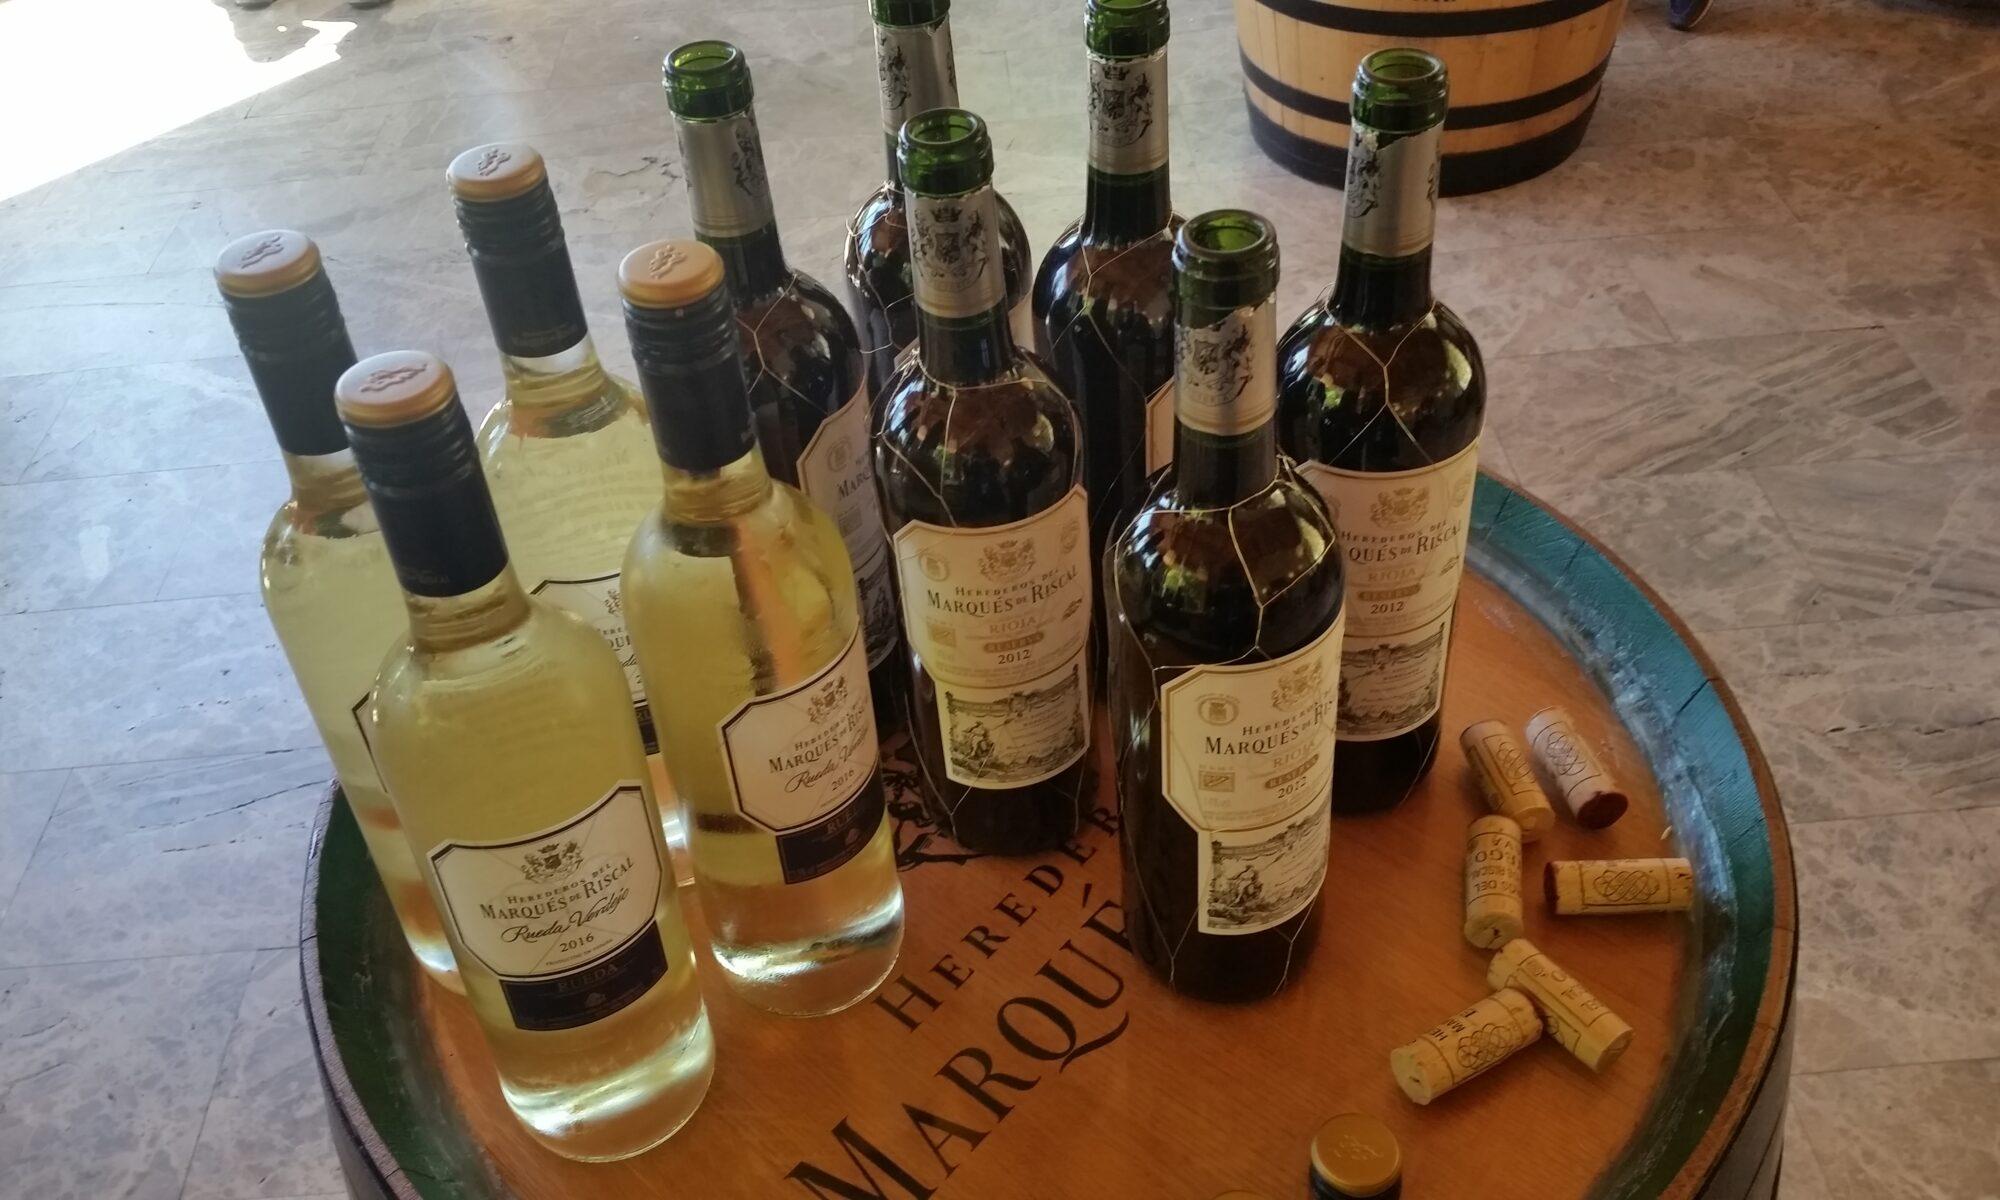 дегустация лучших вин Маркез де Рискаль 23